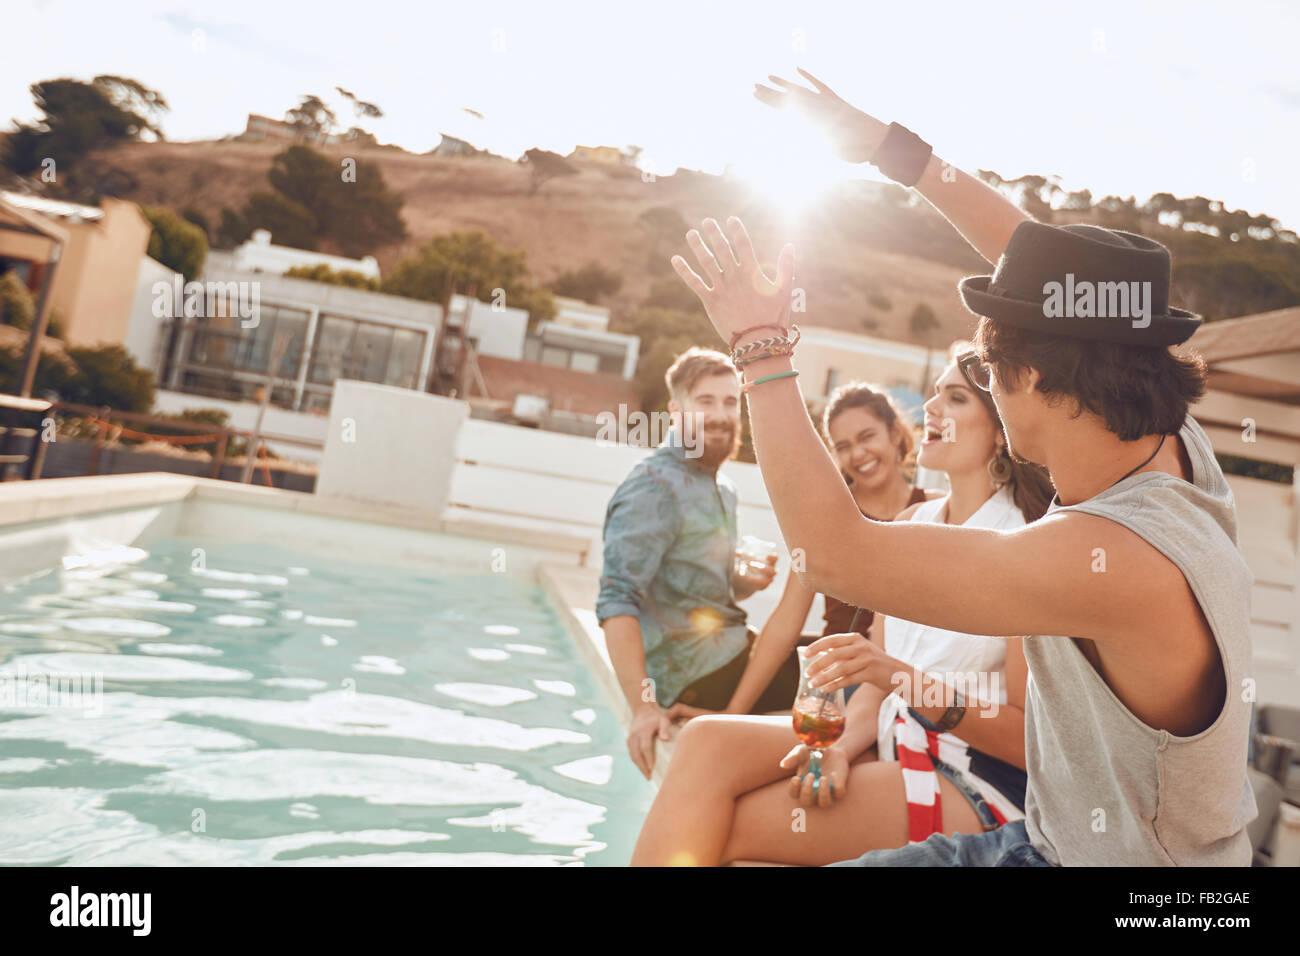 Les jeunes gens assis sur le bord de la piscine bénéficiant d'une partie. Jeune femme chantant lors Photo Stock